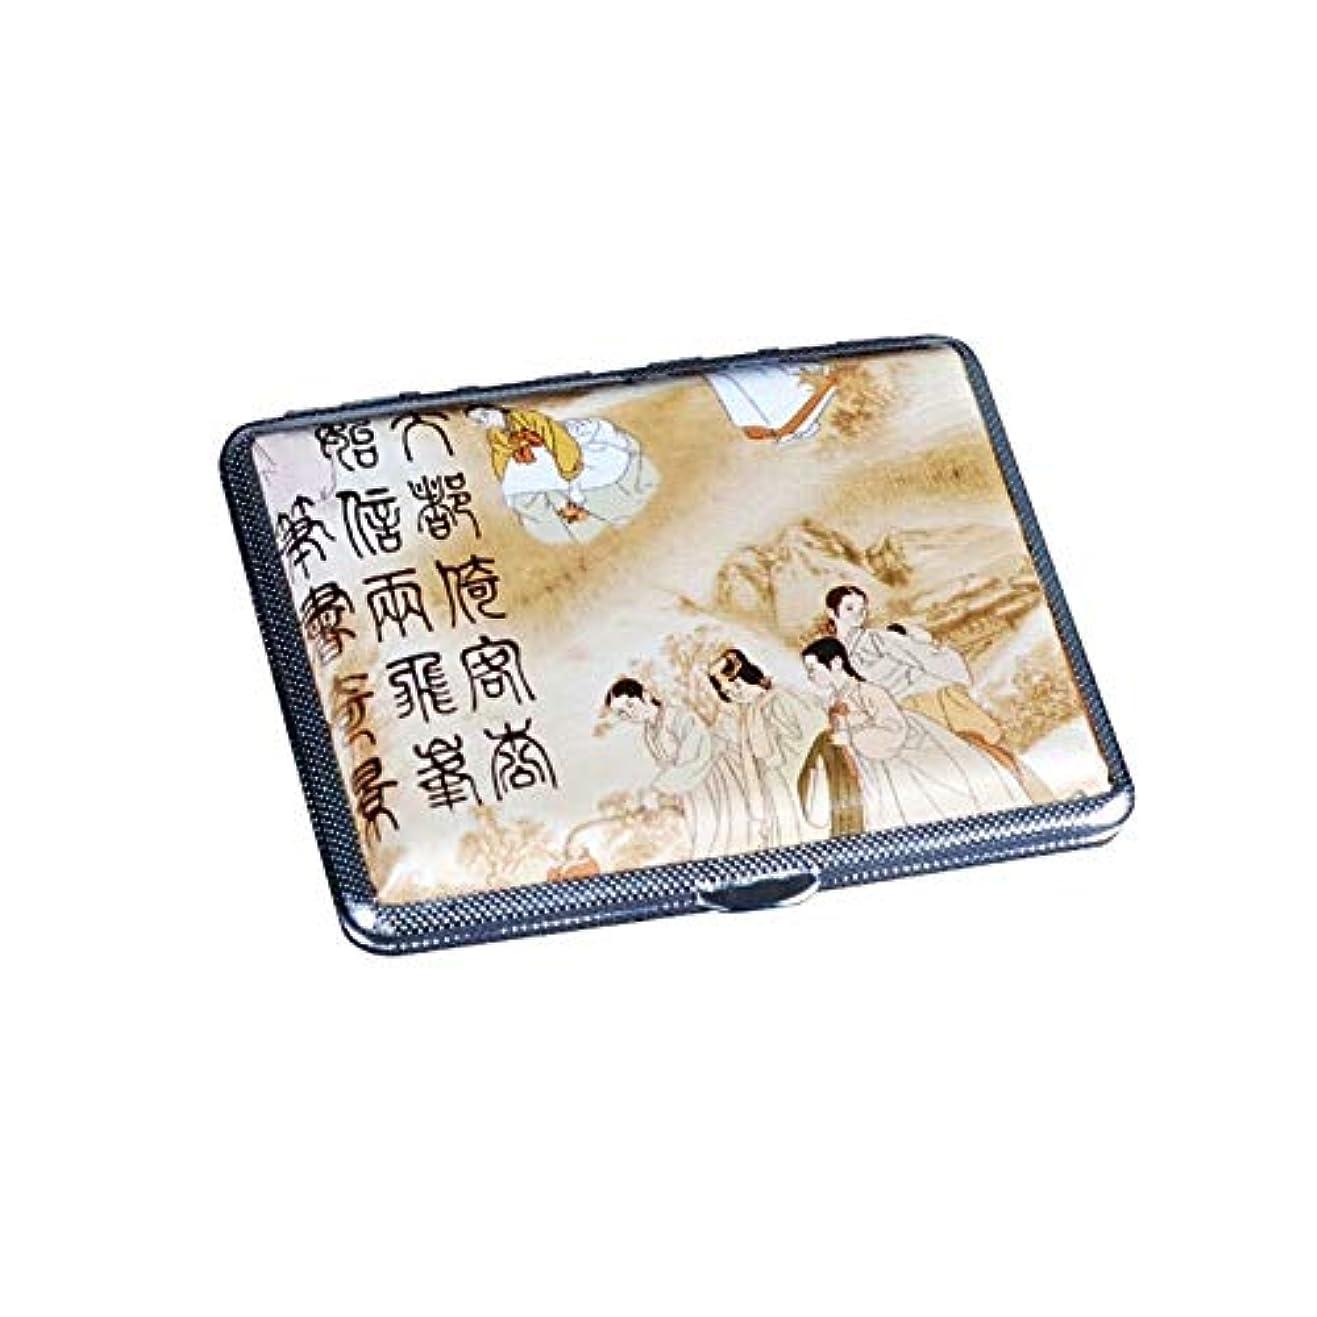 愛人雇用複合XIAOCHAOSD タバコ箱、自動ビジネス統合、メンズクリエイティブレザーシガレットケース 14、16、18スティック、 (Size : 14 sticks)